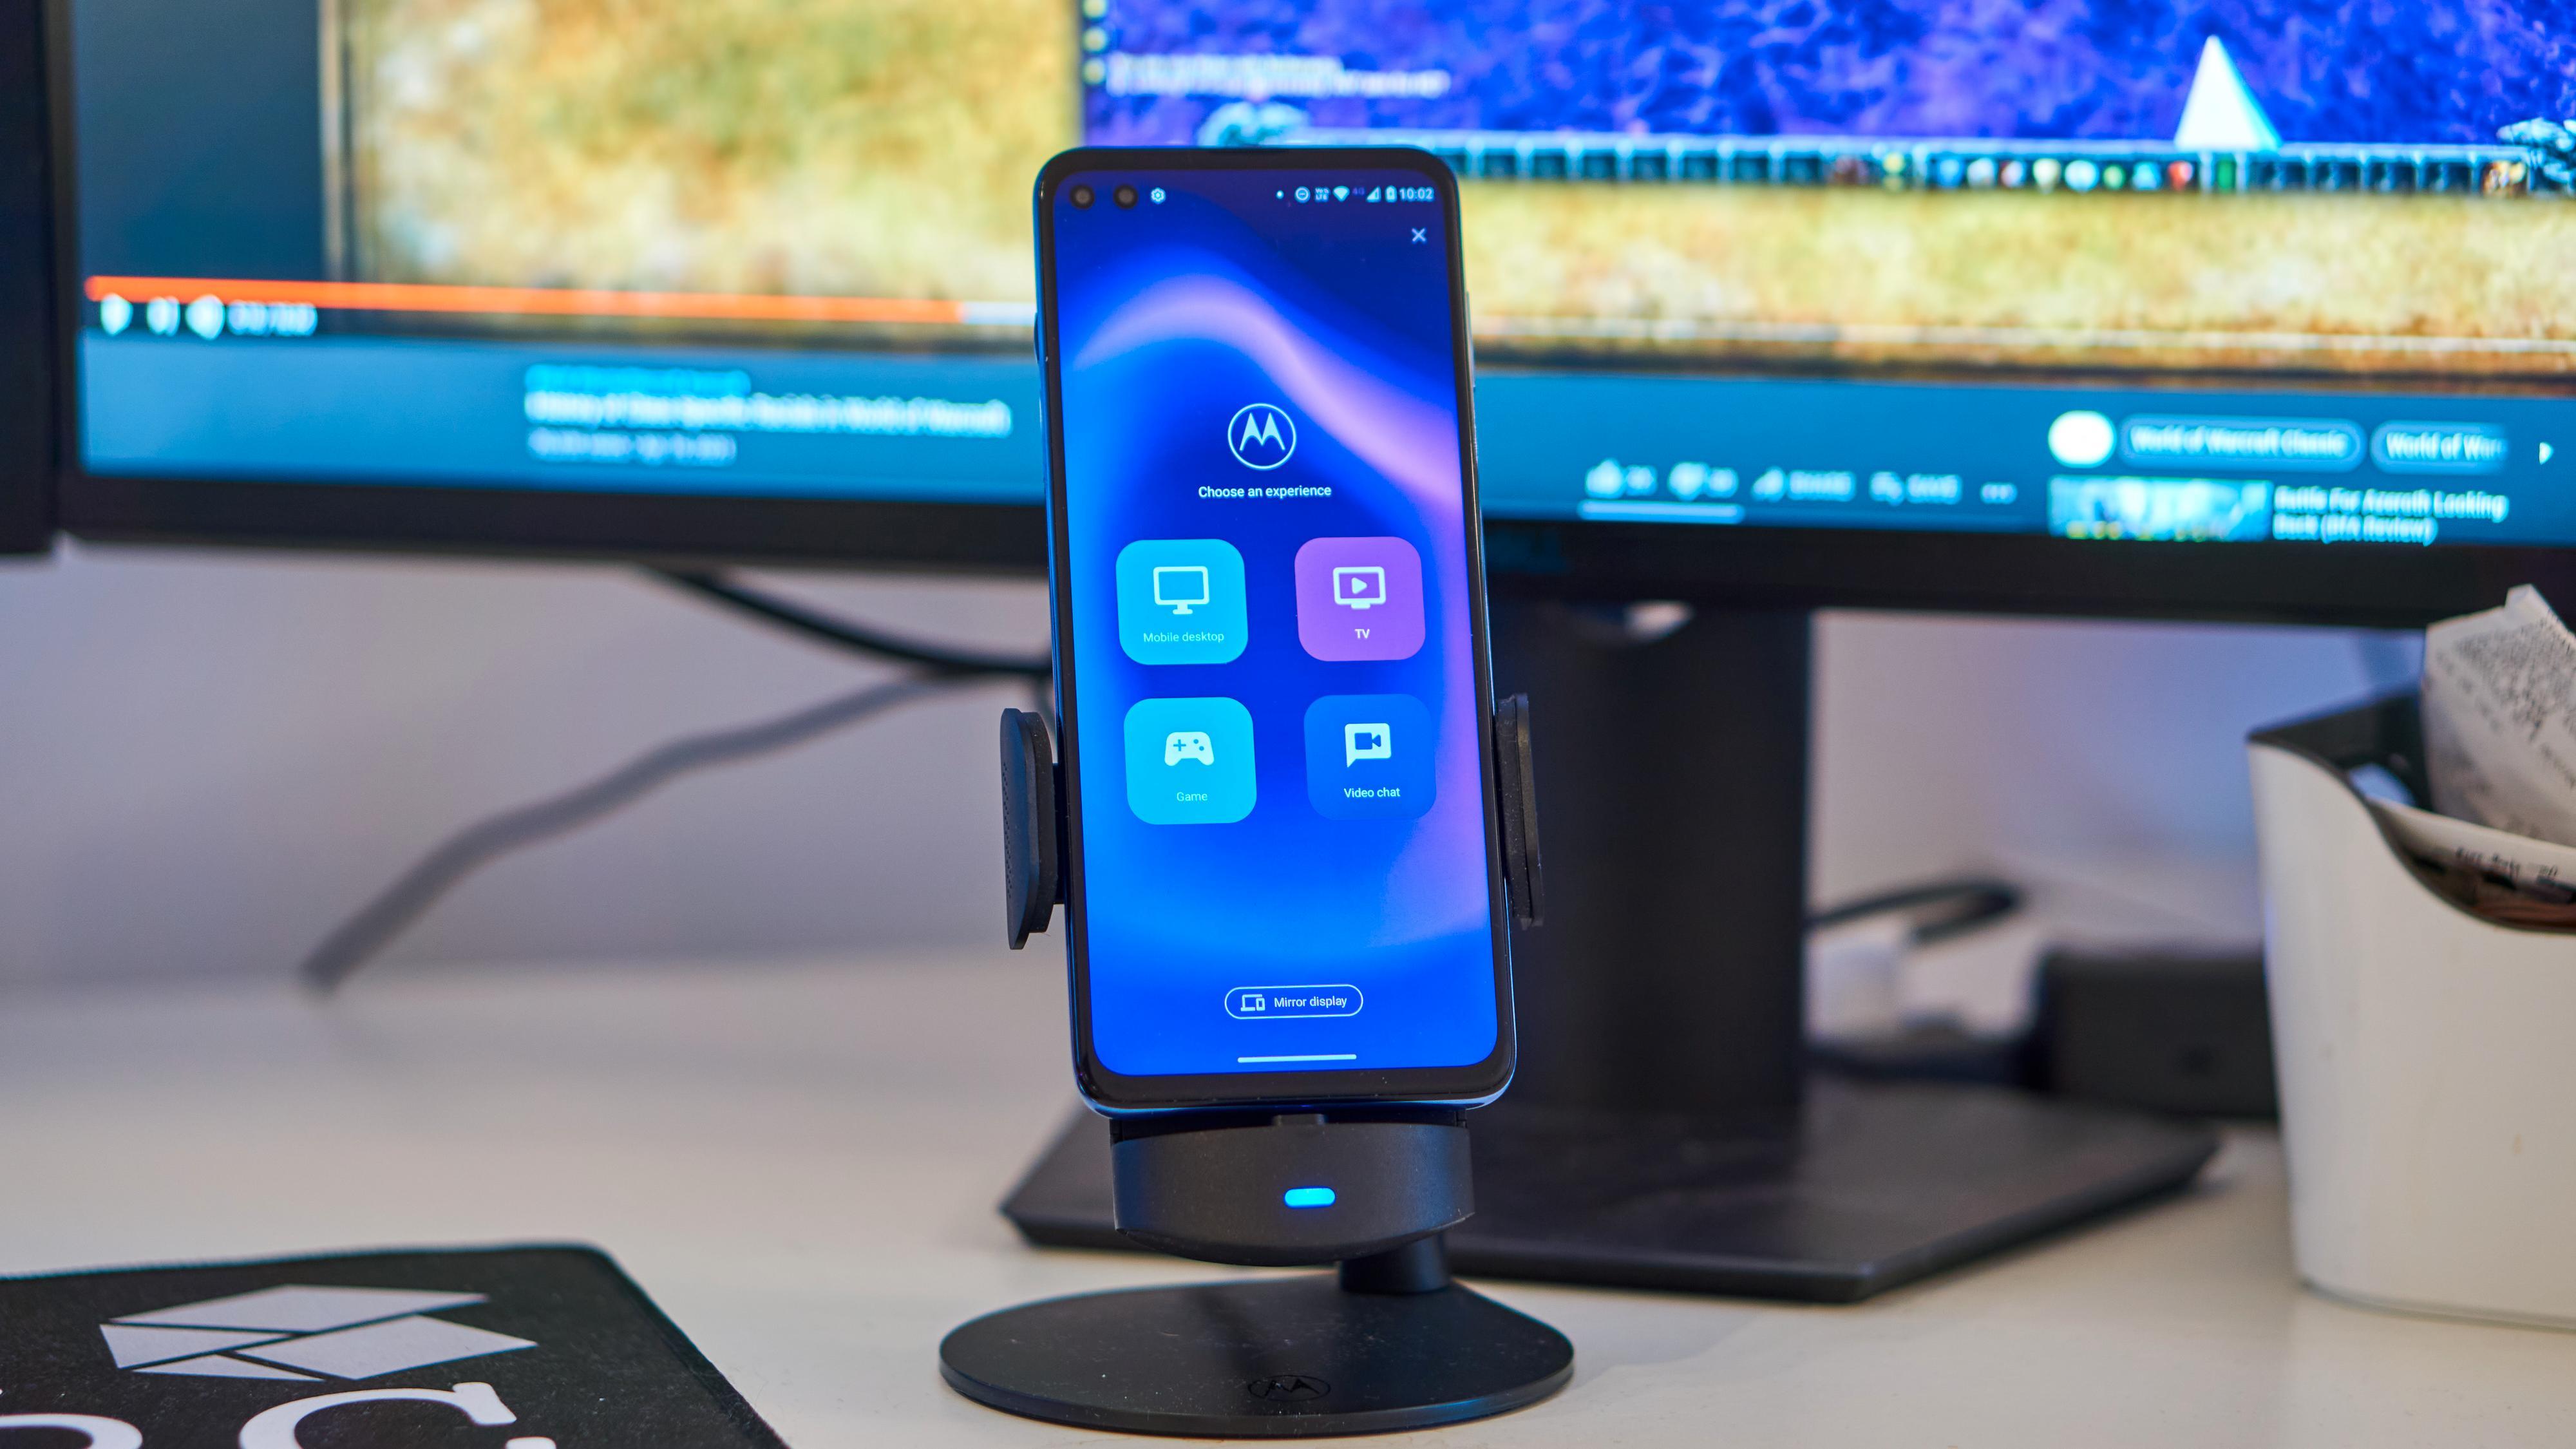 Slik ser valgene ut når du kobler telefonen opp mot en skjerm.